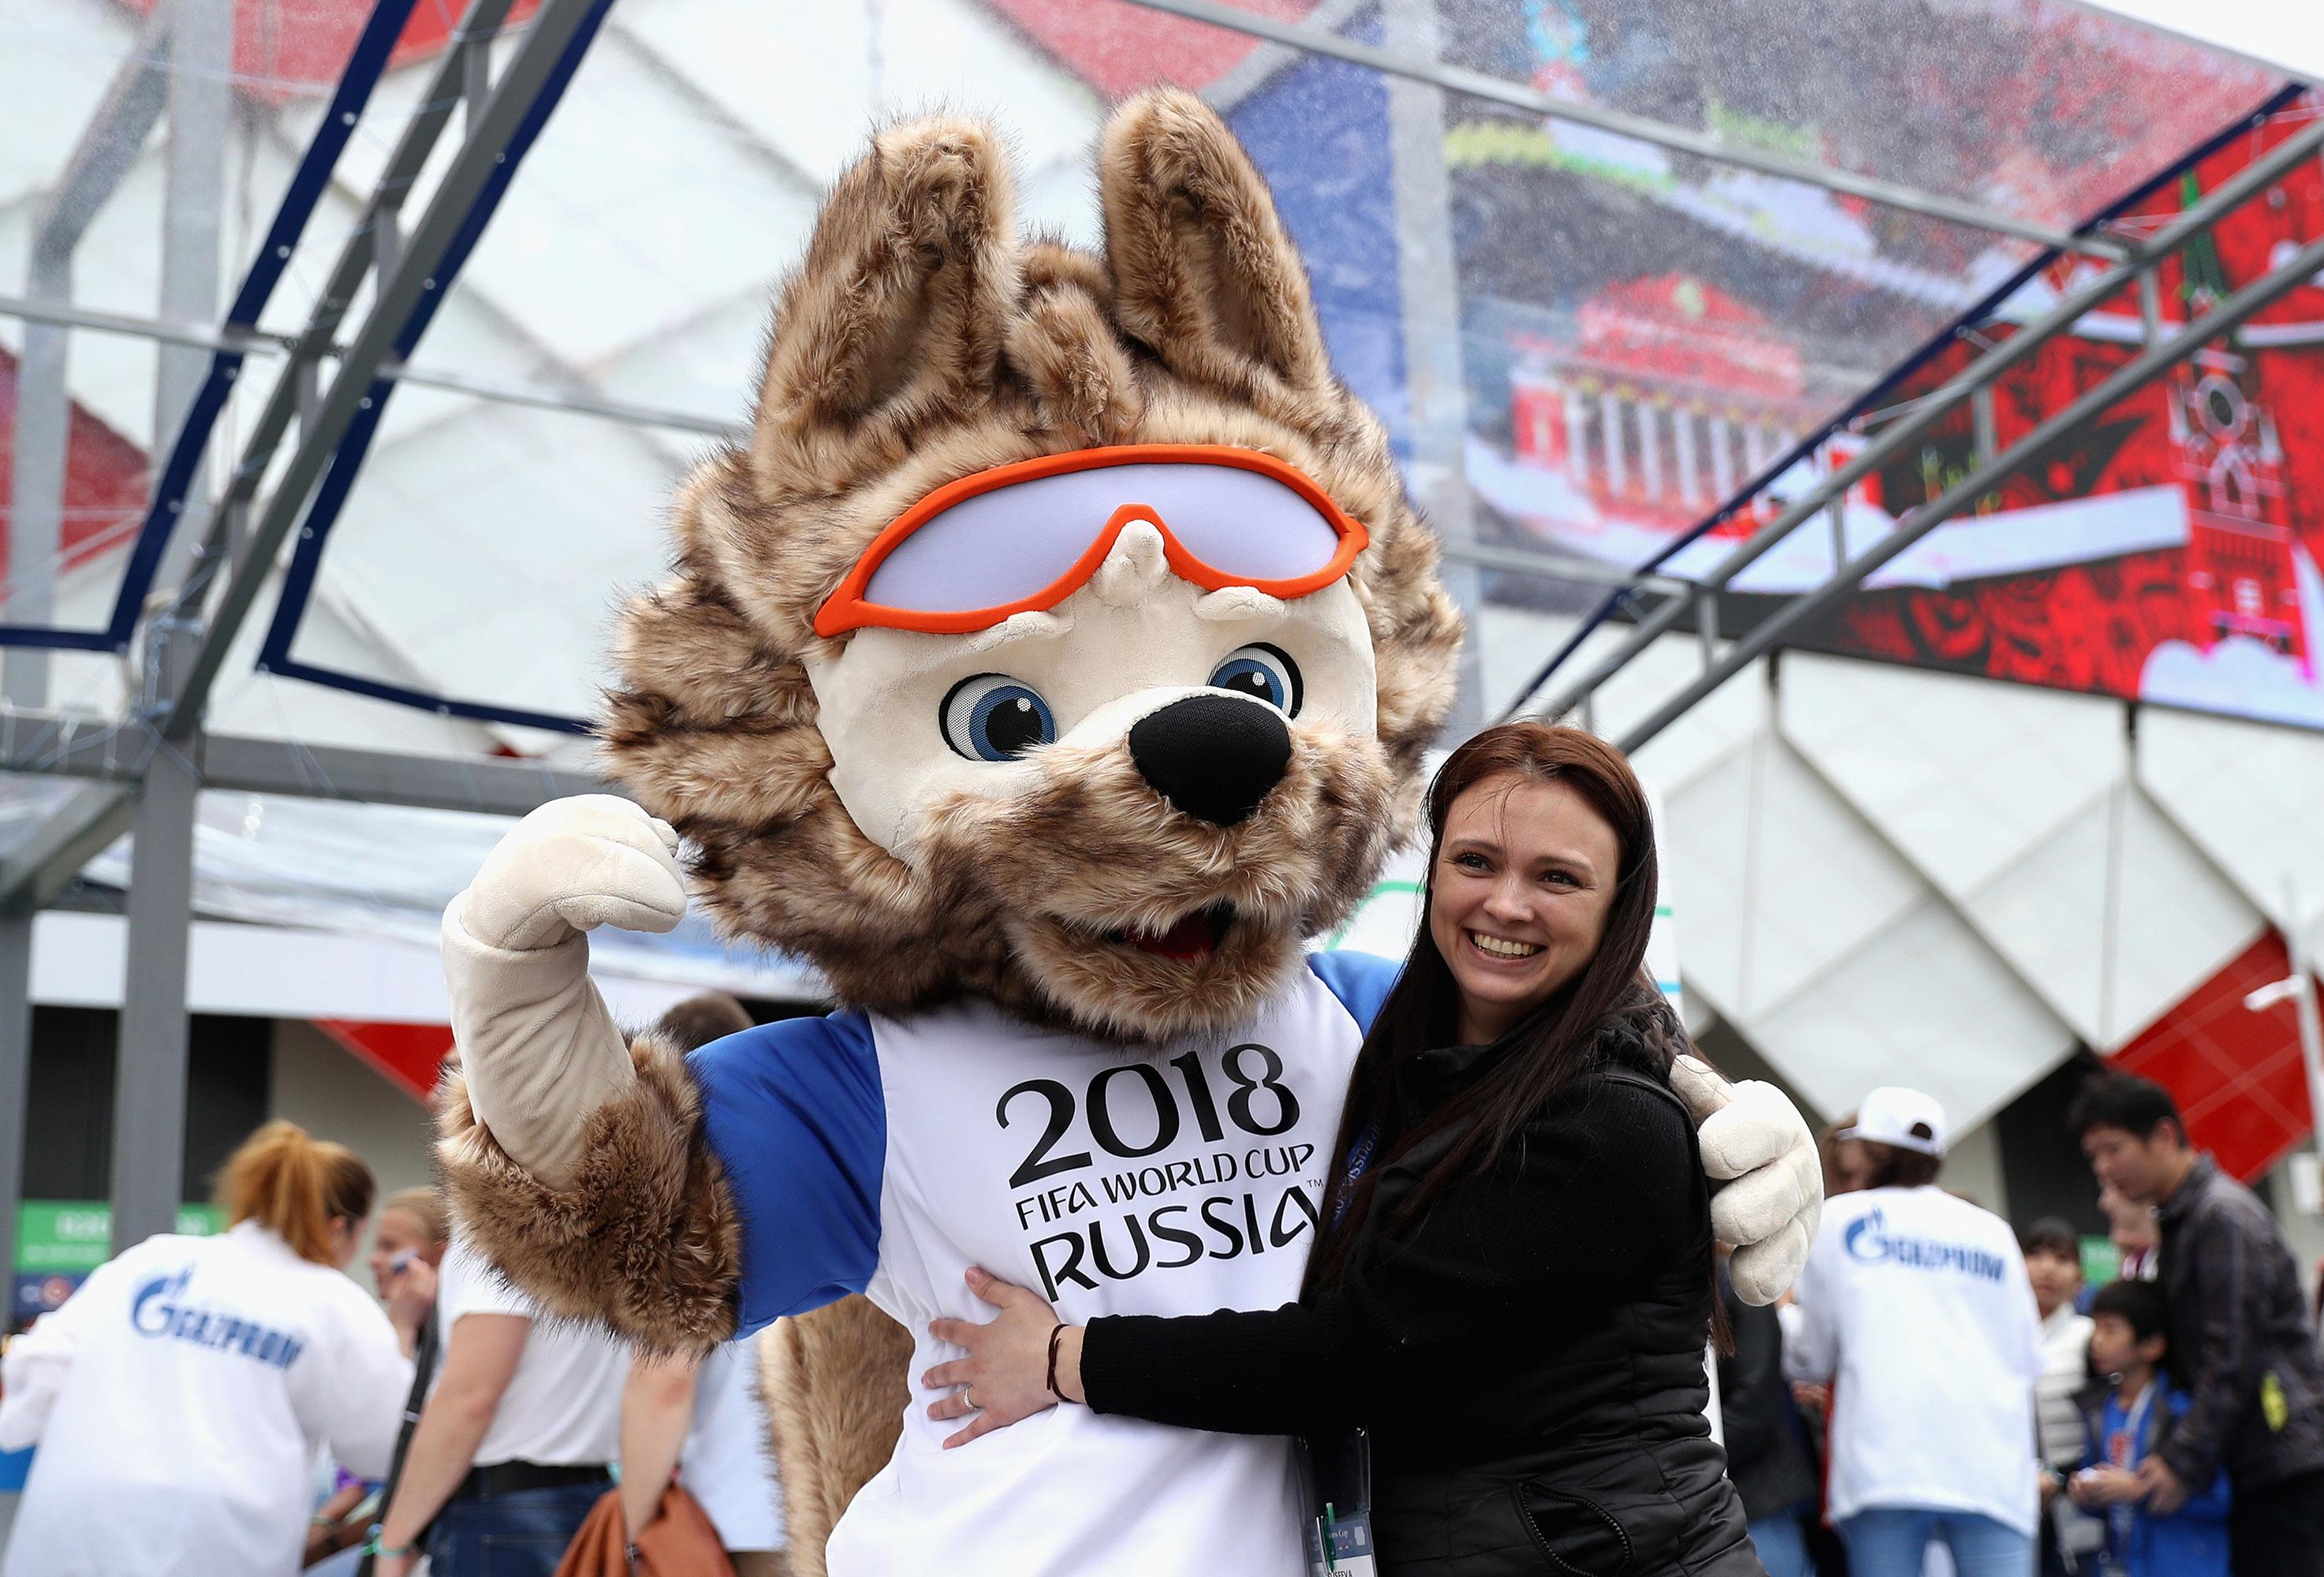 Todo lo que necesitas saber para viajar a la Copa del Mundo en Rusia